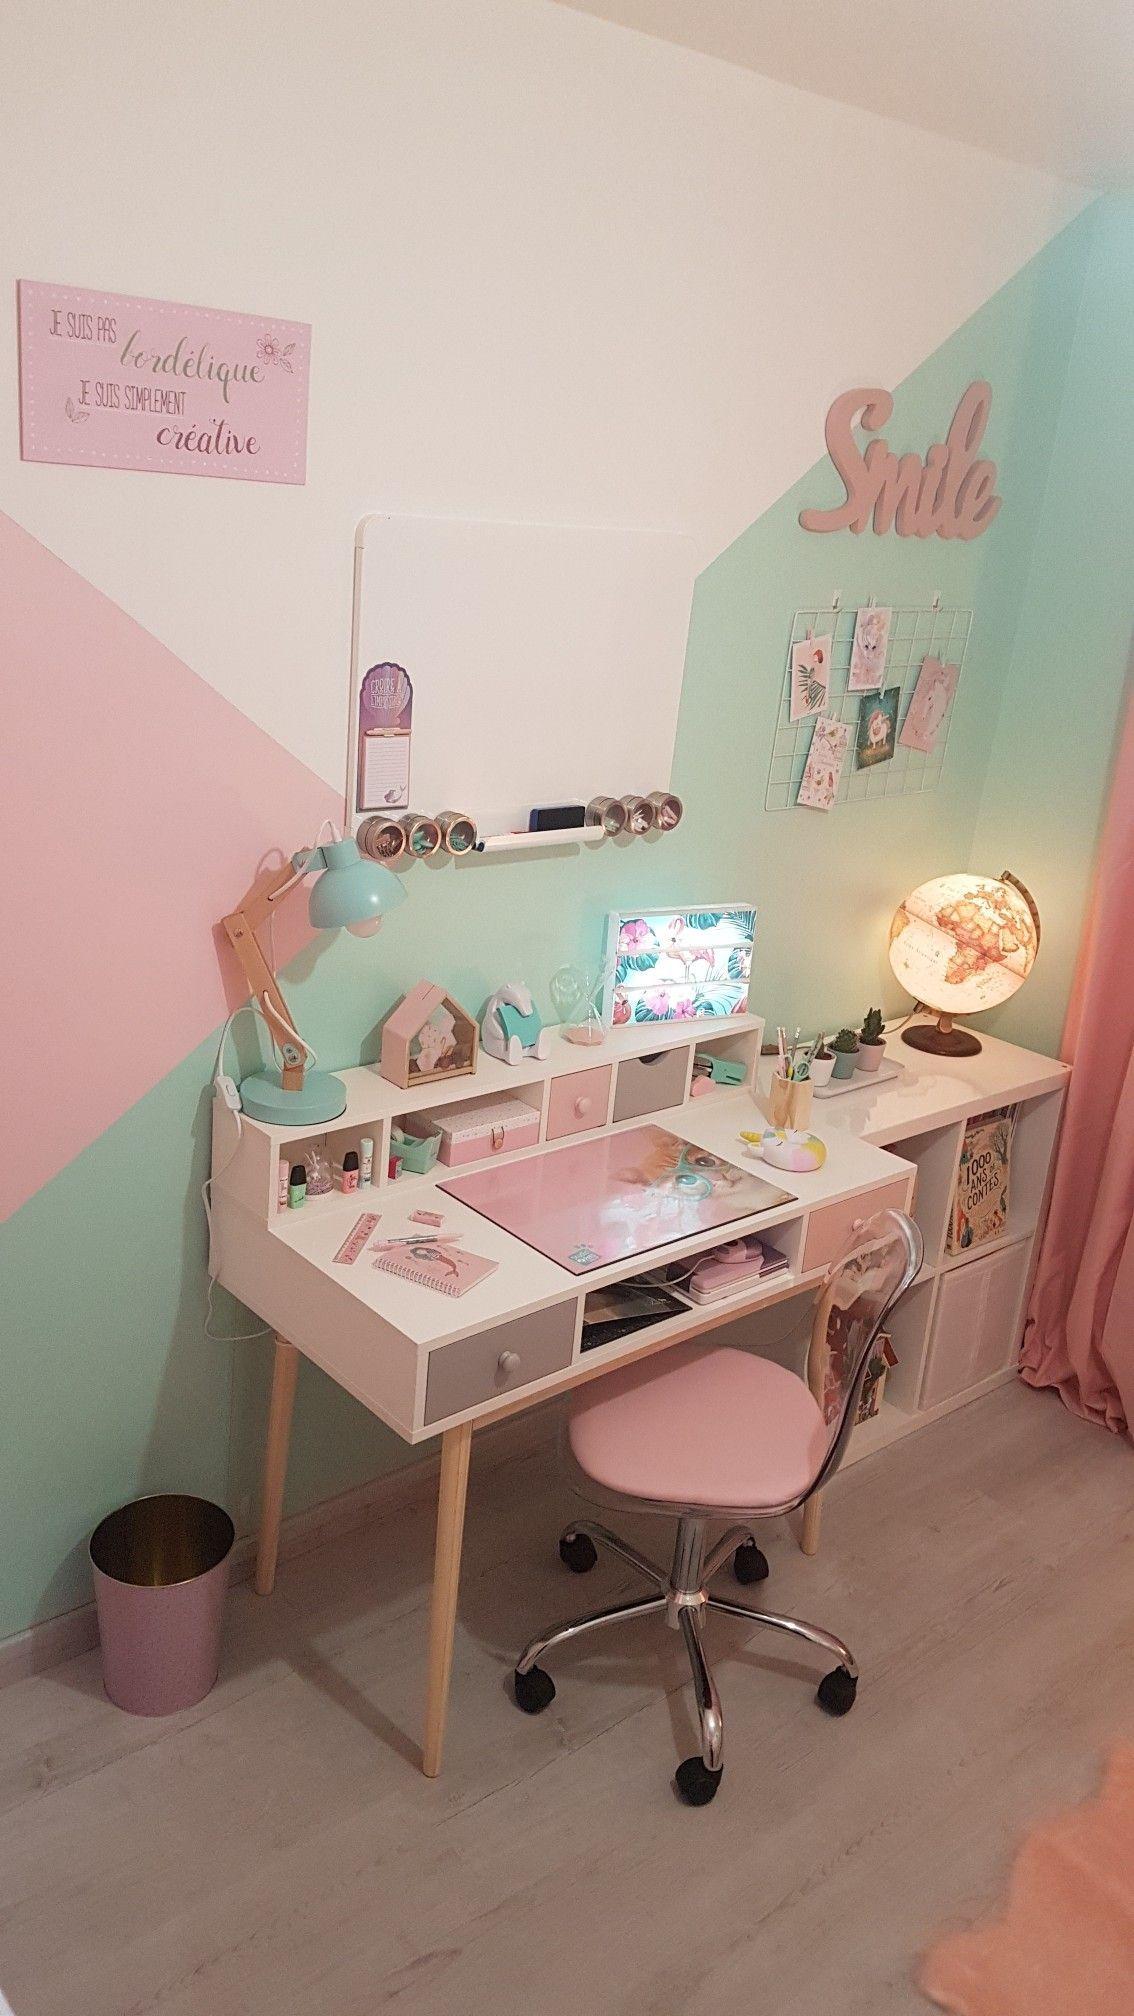 Chambre De Ma Fille Bureau Et Smile Maison Du Monde Chaise Conforama Lampe P En 2020 Design Chambres De Fille Deco Chambre Mixte Deco Chambre Fillette